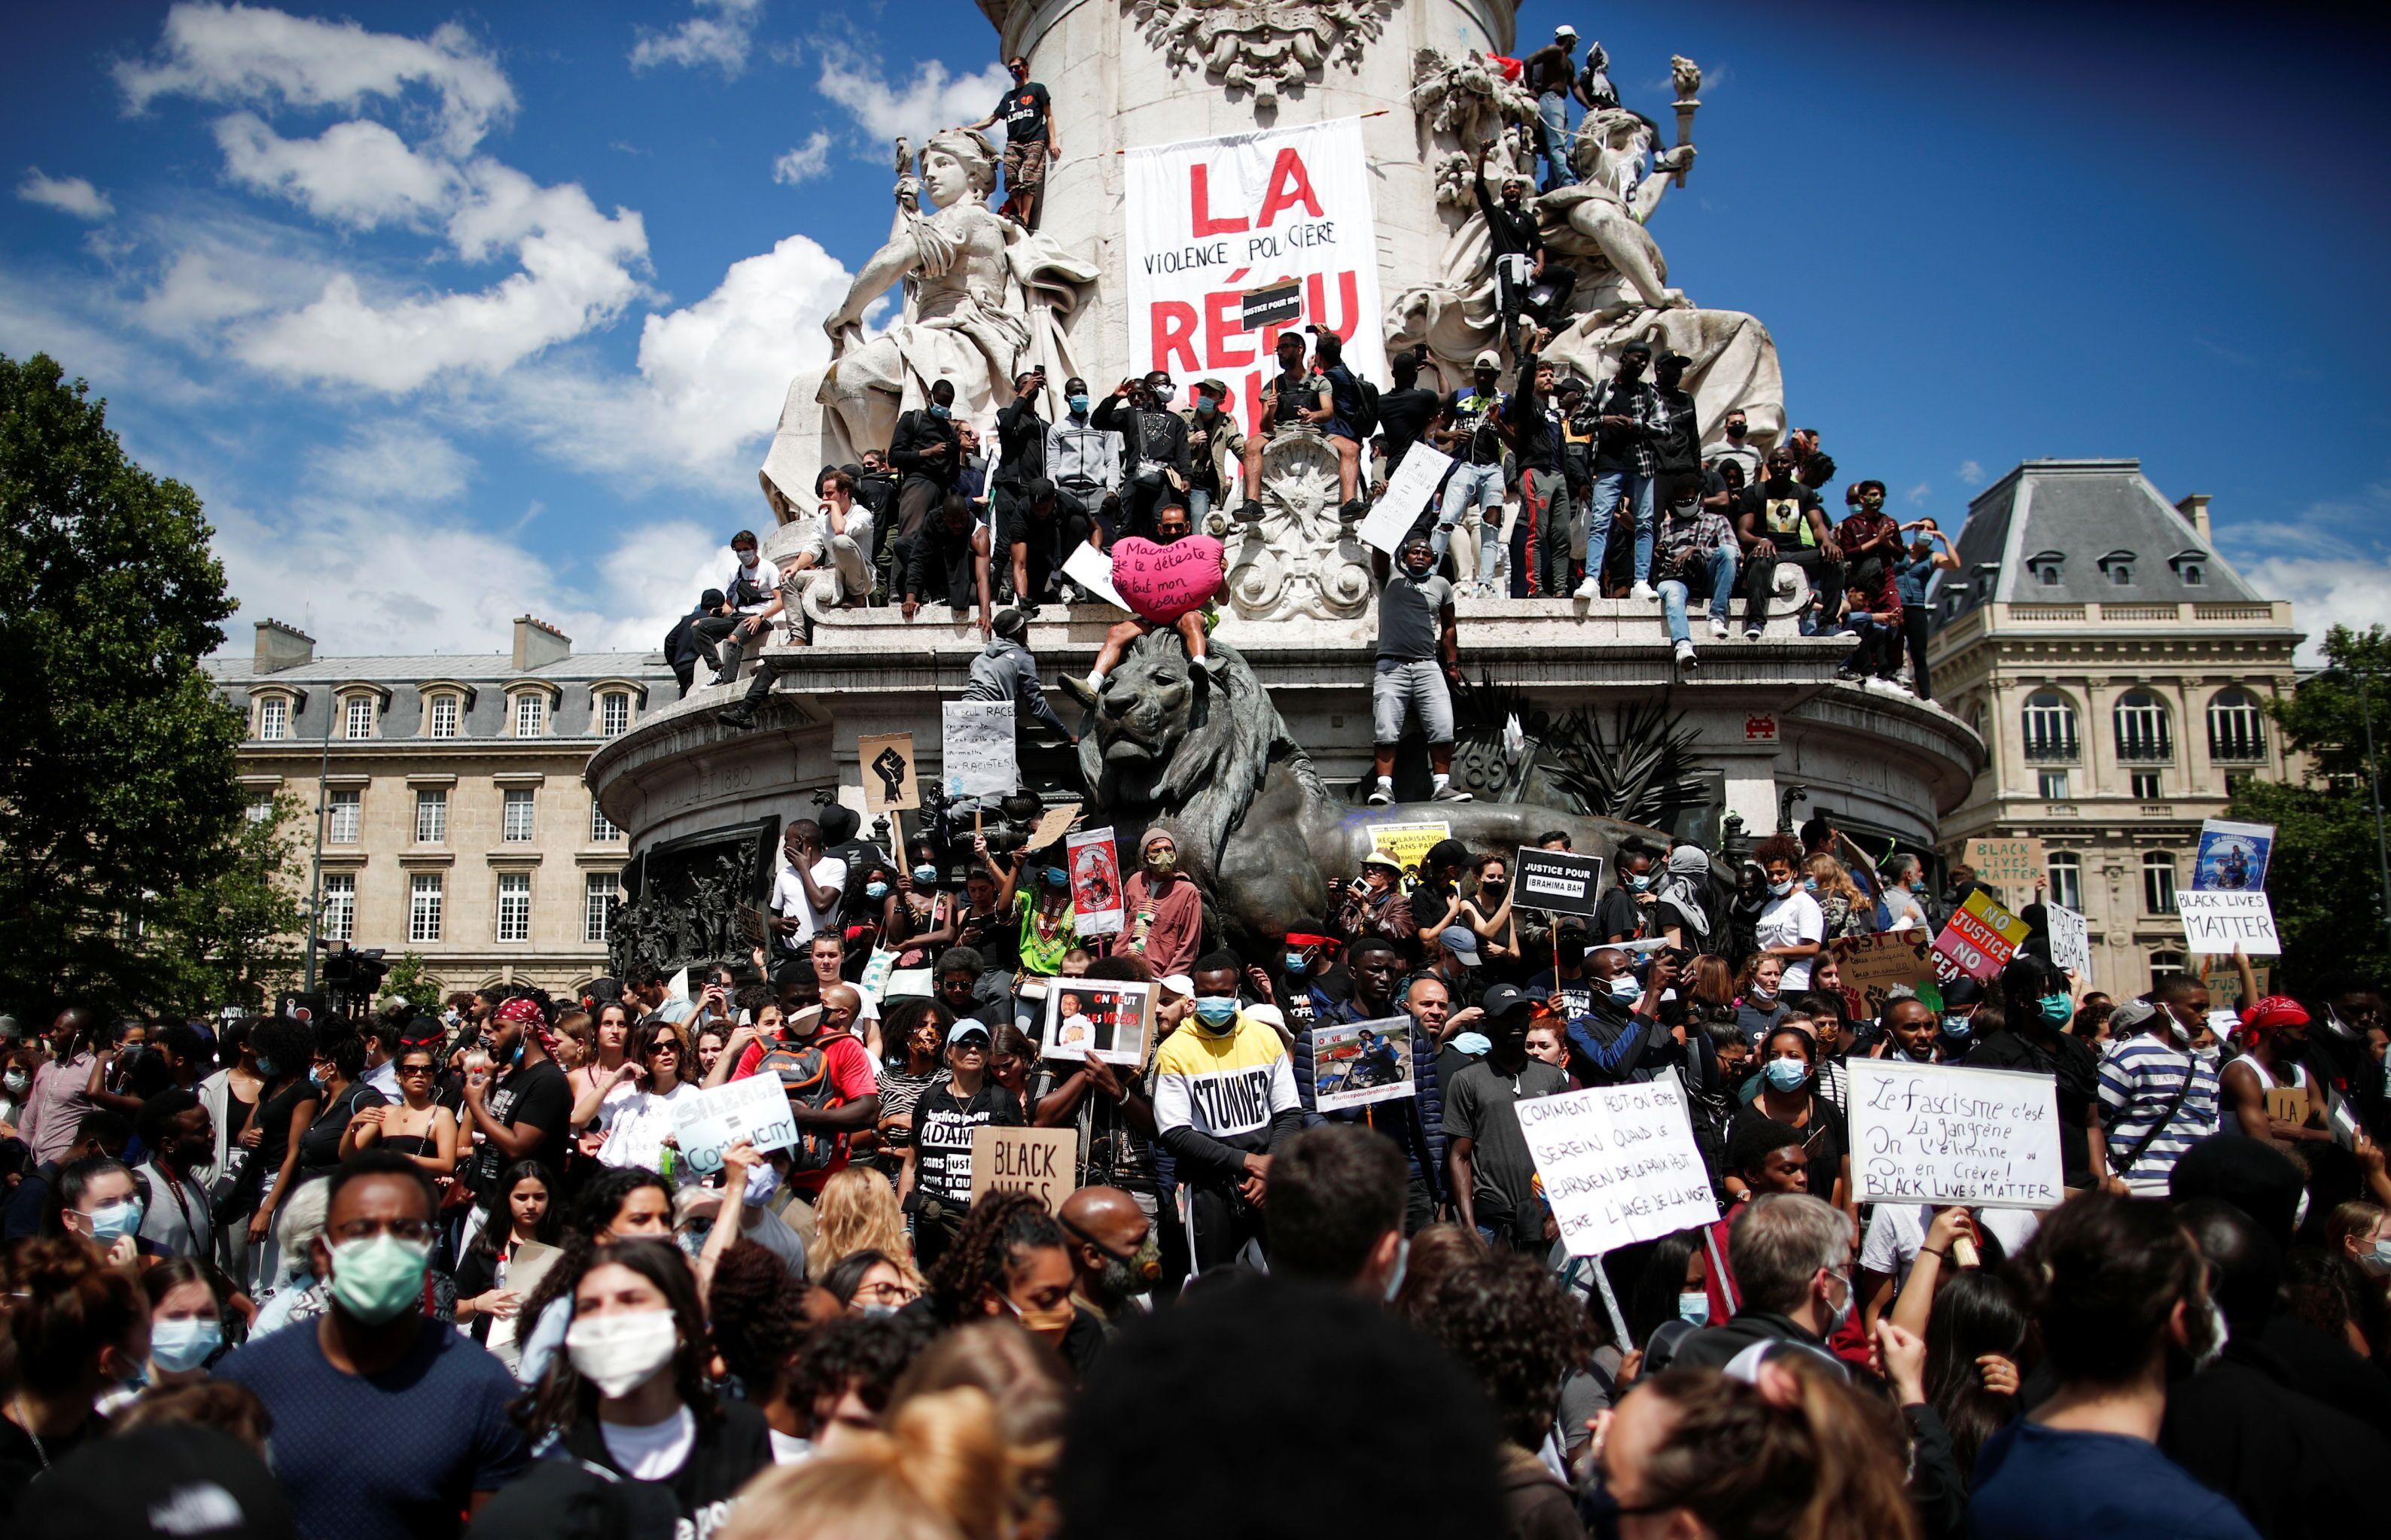 Em Paris, manifestantes protestam em 13 de junho de 2020 contra o racismo e a violência policial, em solidariedade aos protestos nos EUA contra o assassinato de George Floyd pela polícia de Minneapolis.